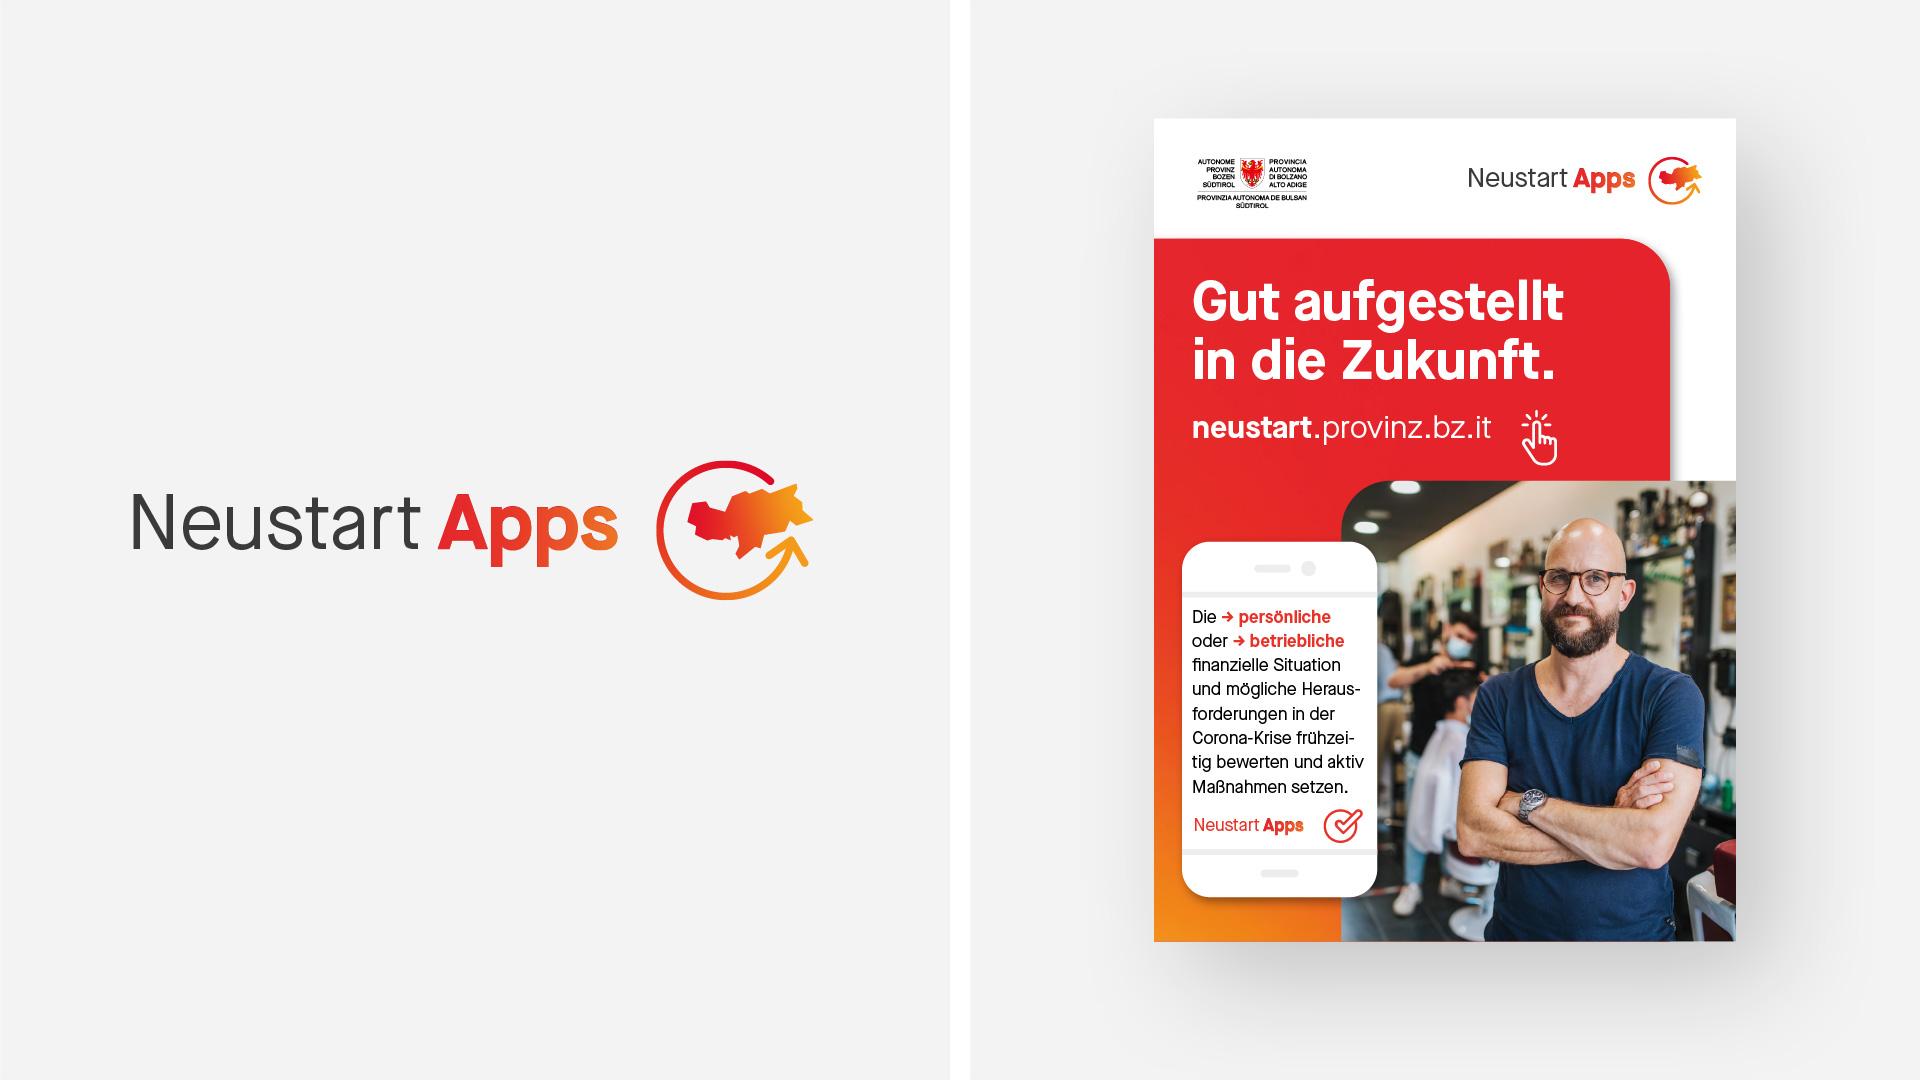 101-neustart-apps